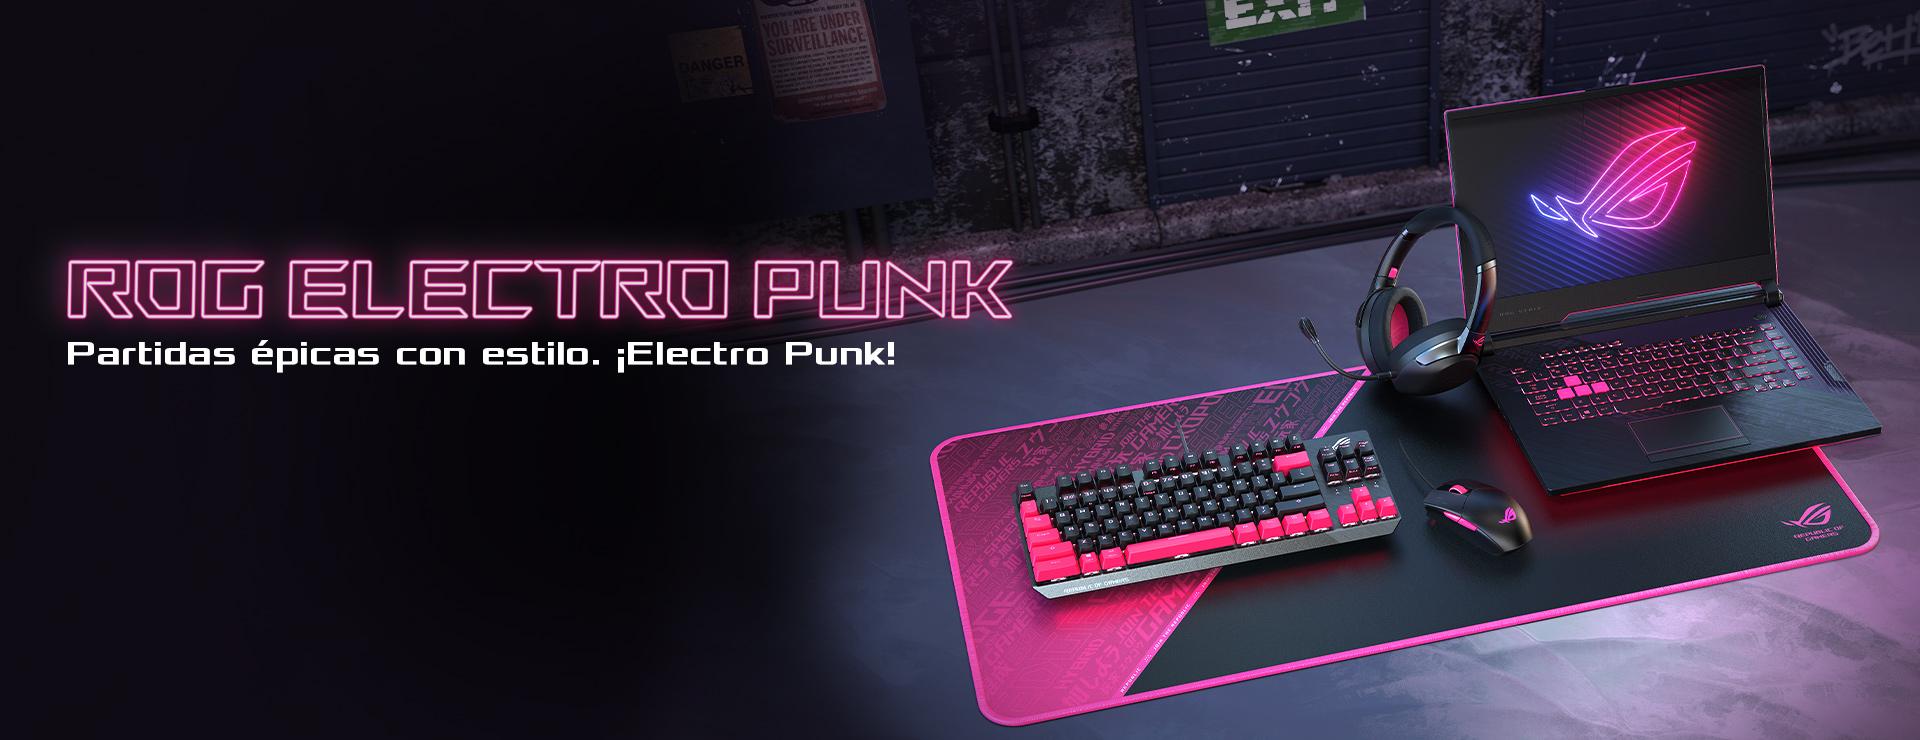 ROG Electro Punk